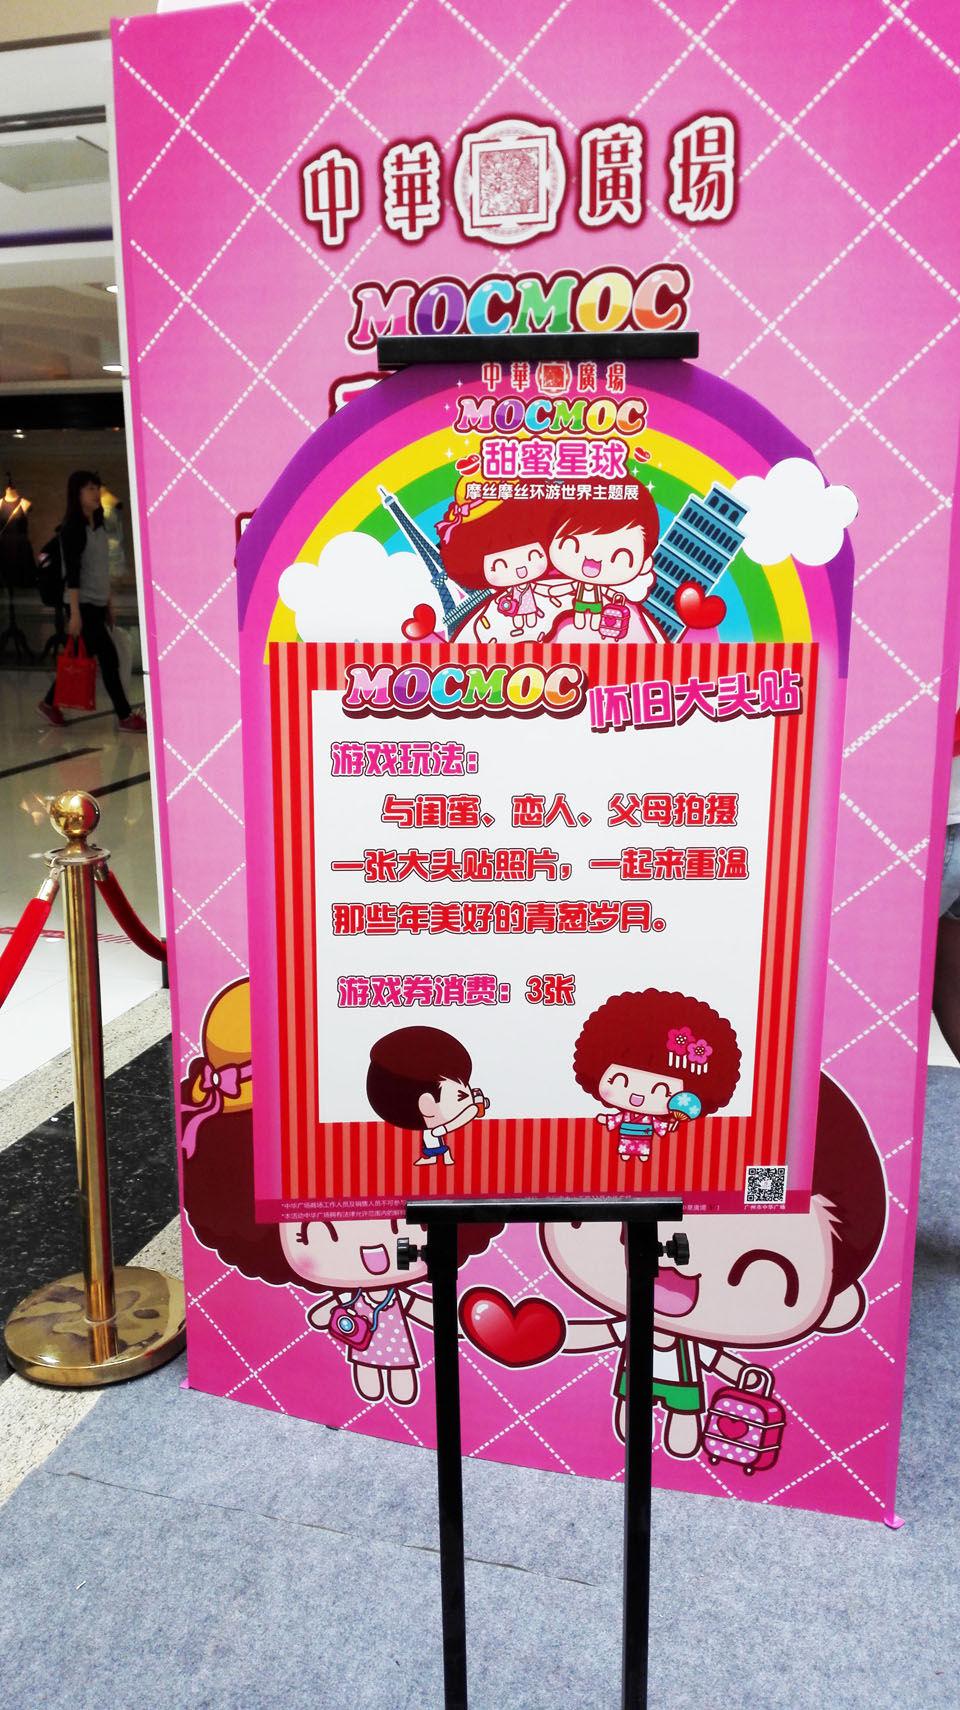 中华广场x摩丝摩丝甜蜜星球39.jpg